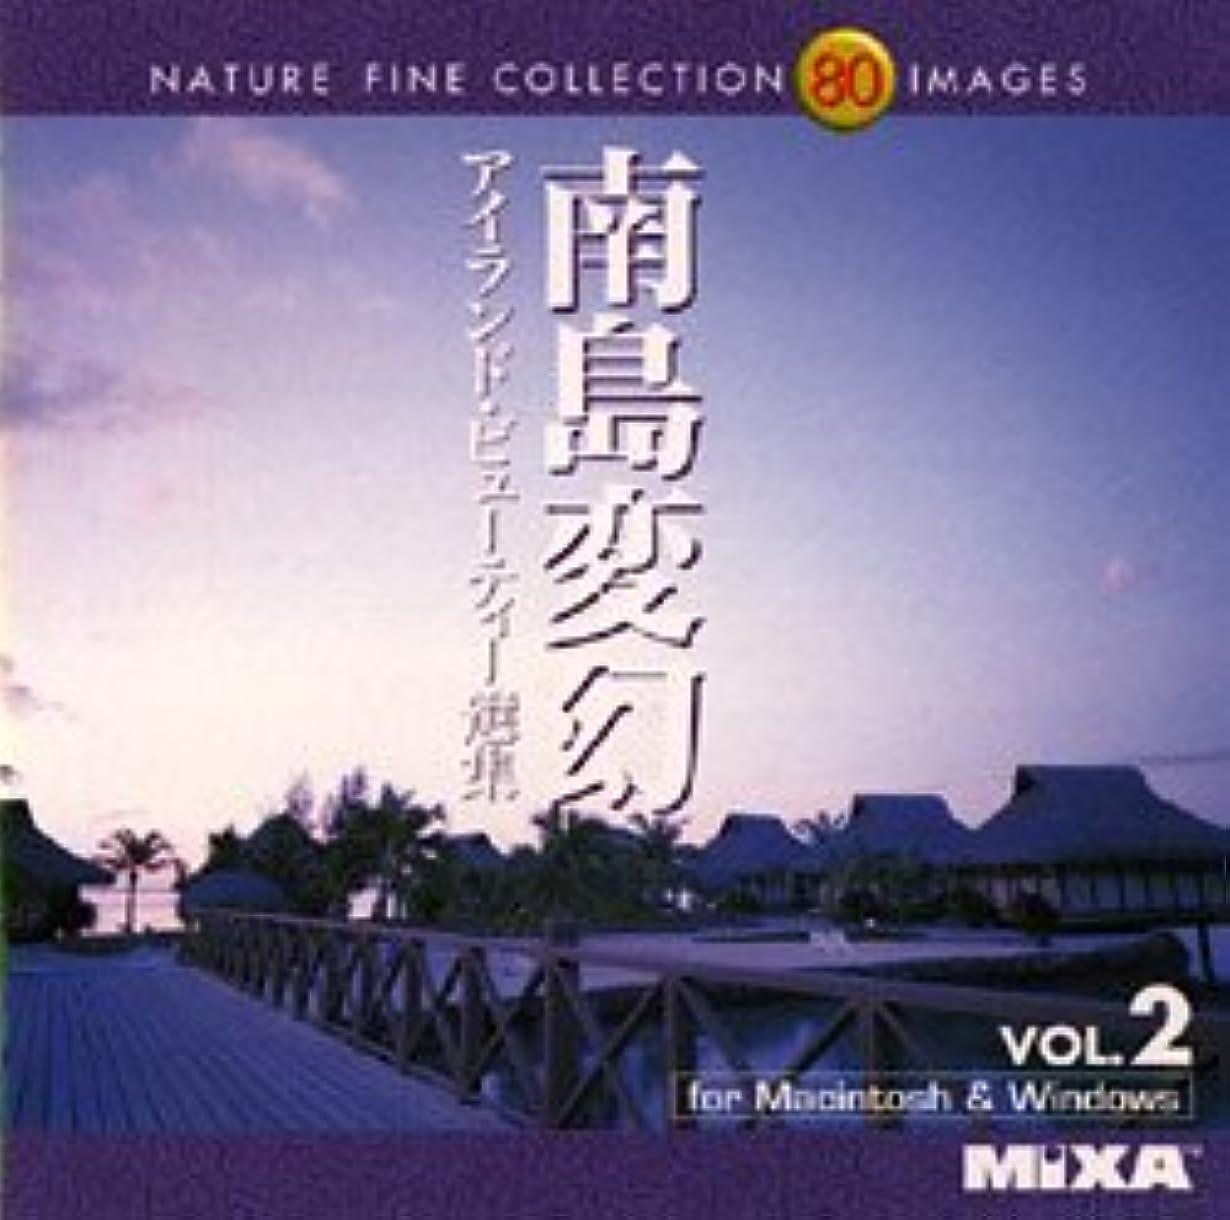 無秩序謝罪するビヨンMIXA IMAGE LIBRARY Vol.2 南島変幻